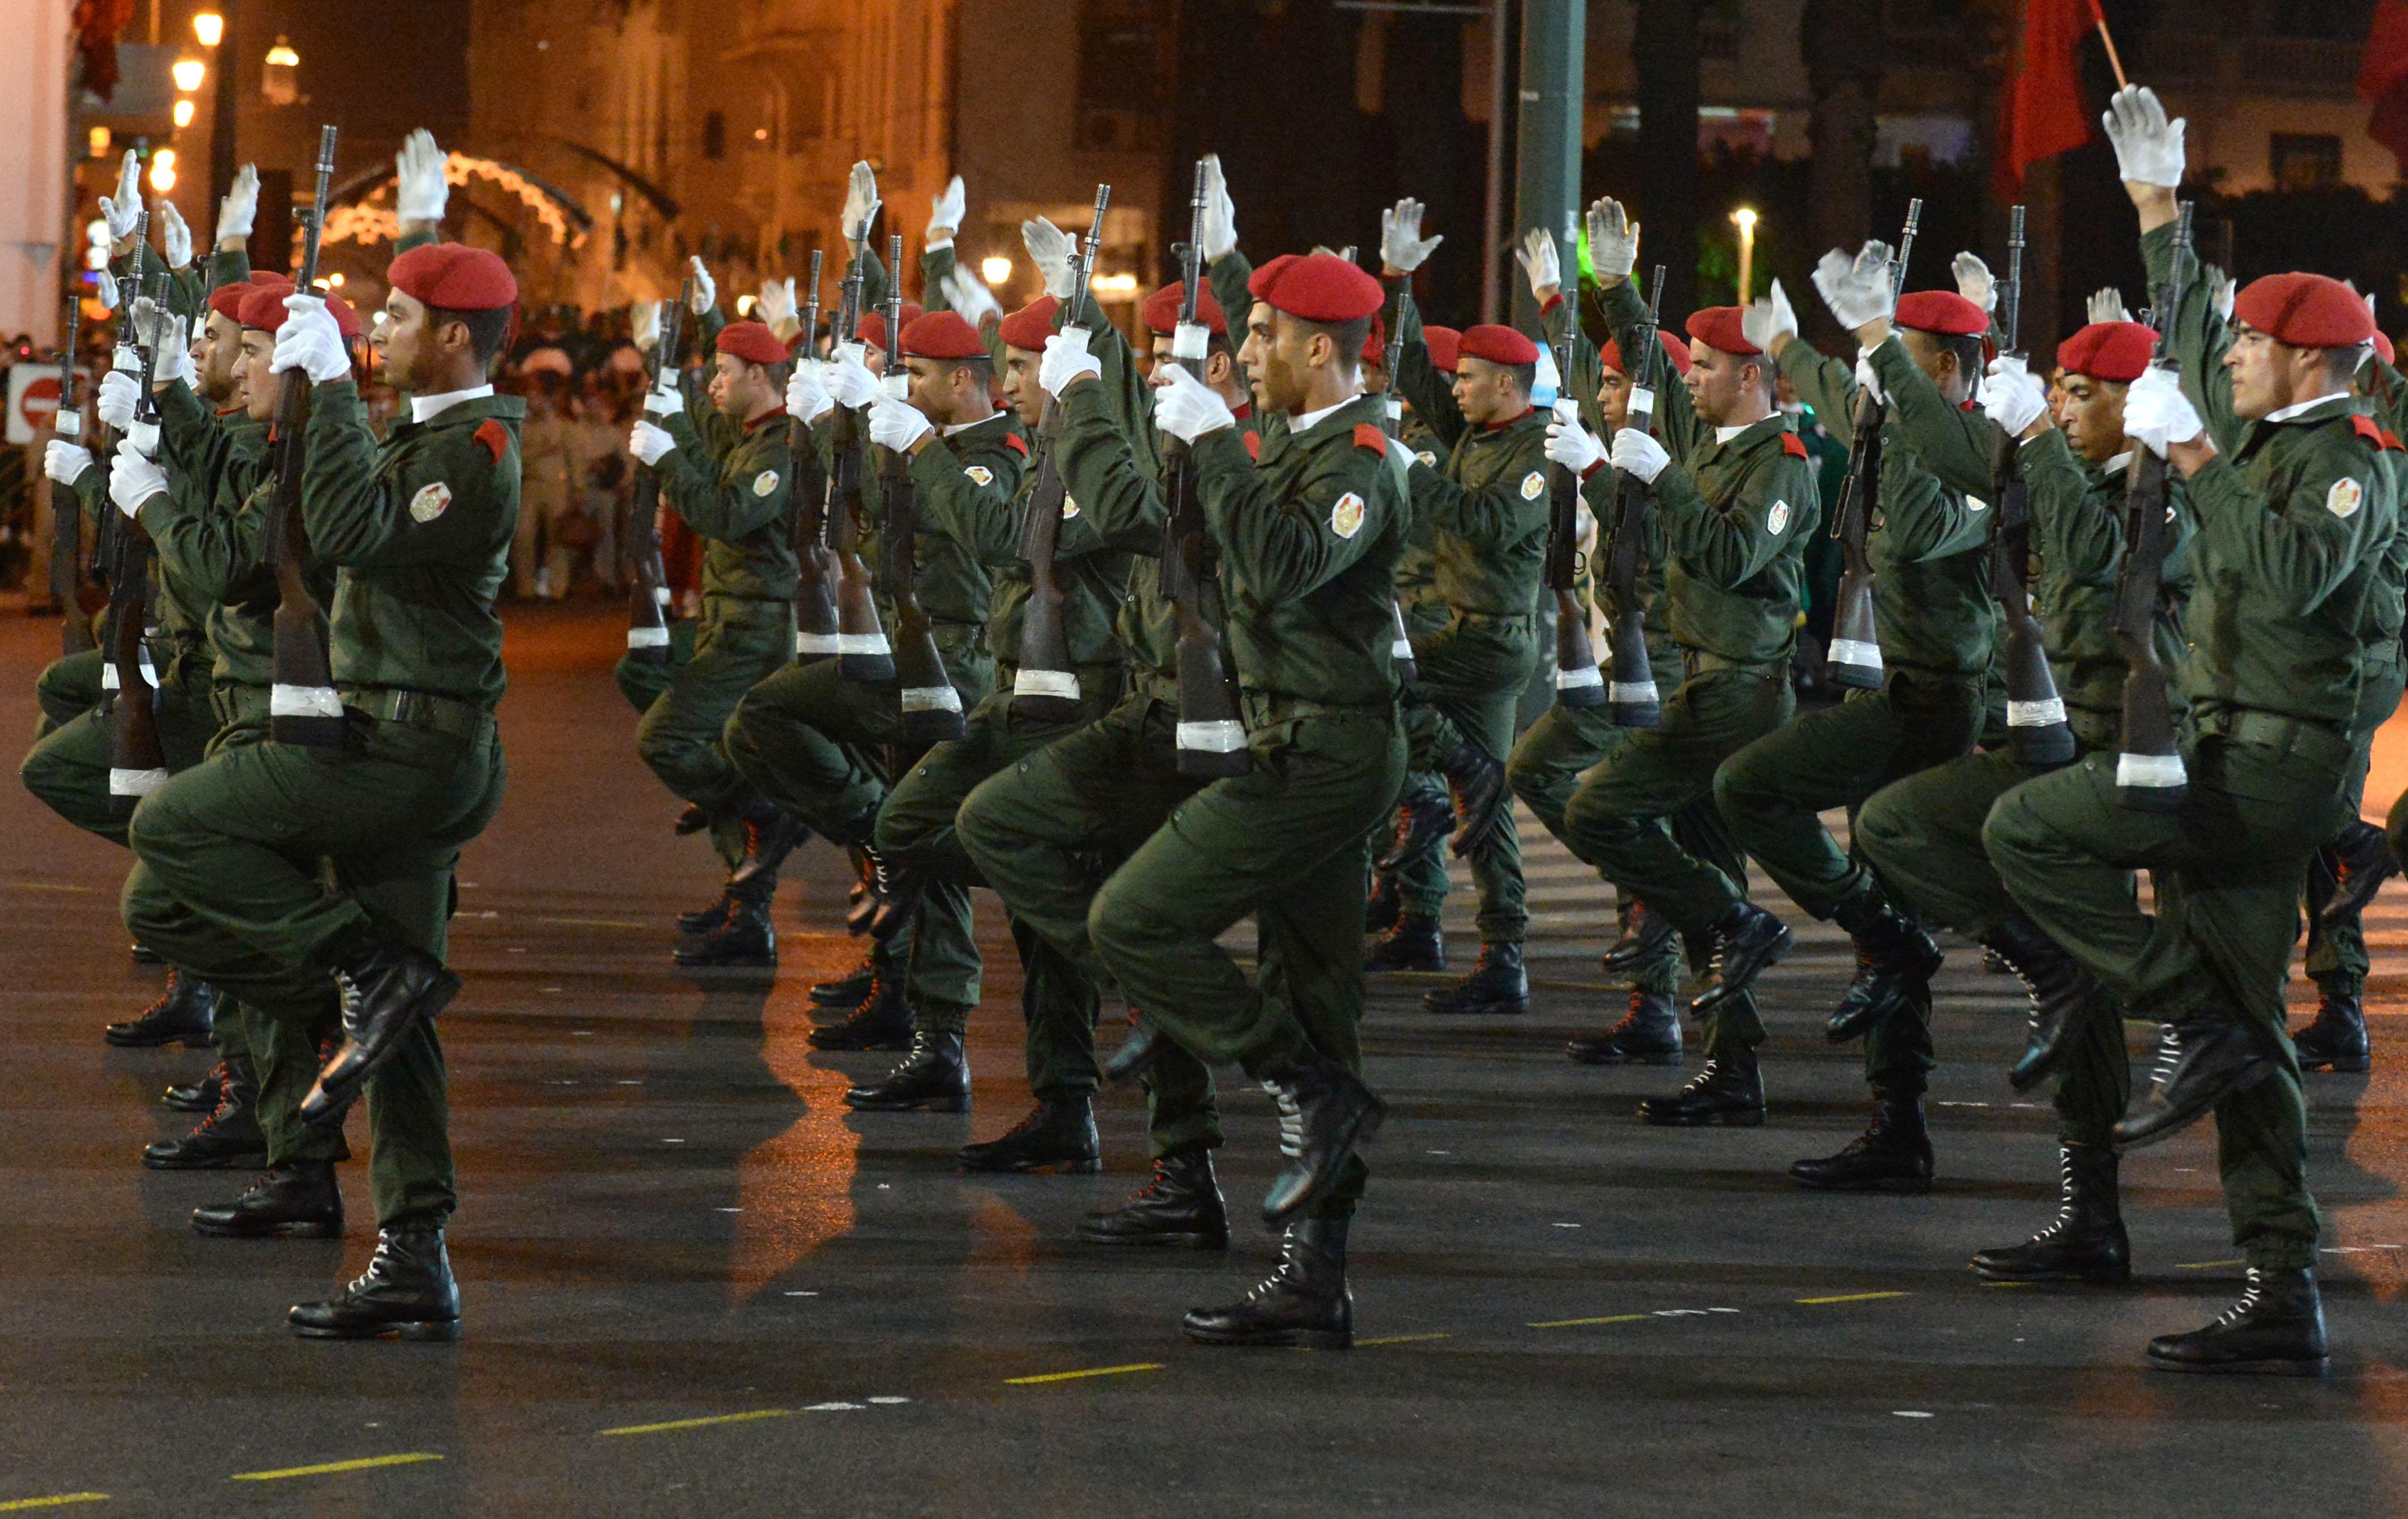 Le service militaire obligatoire va être rétabli — Maroc